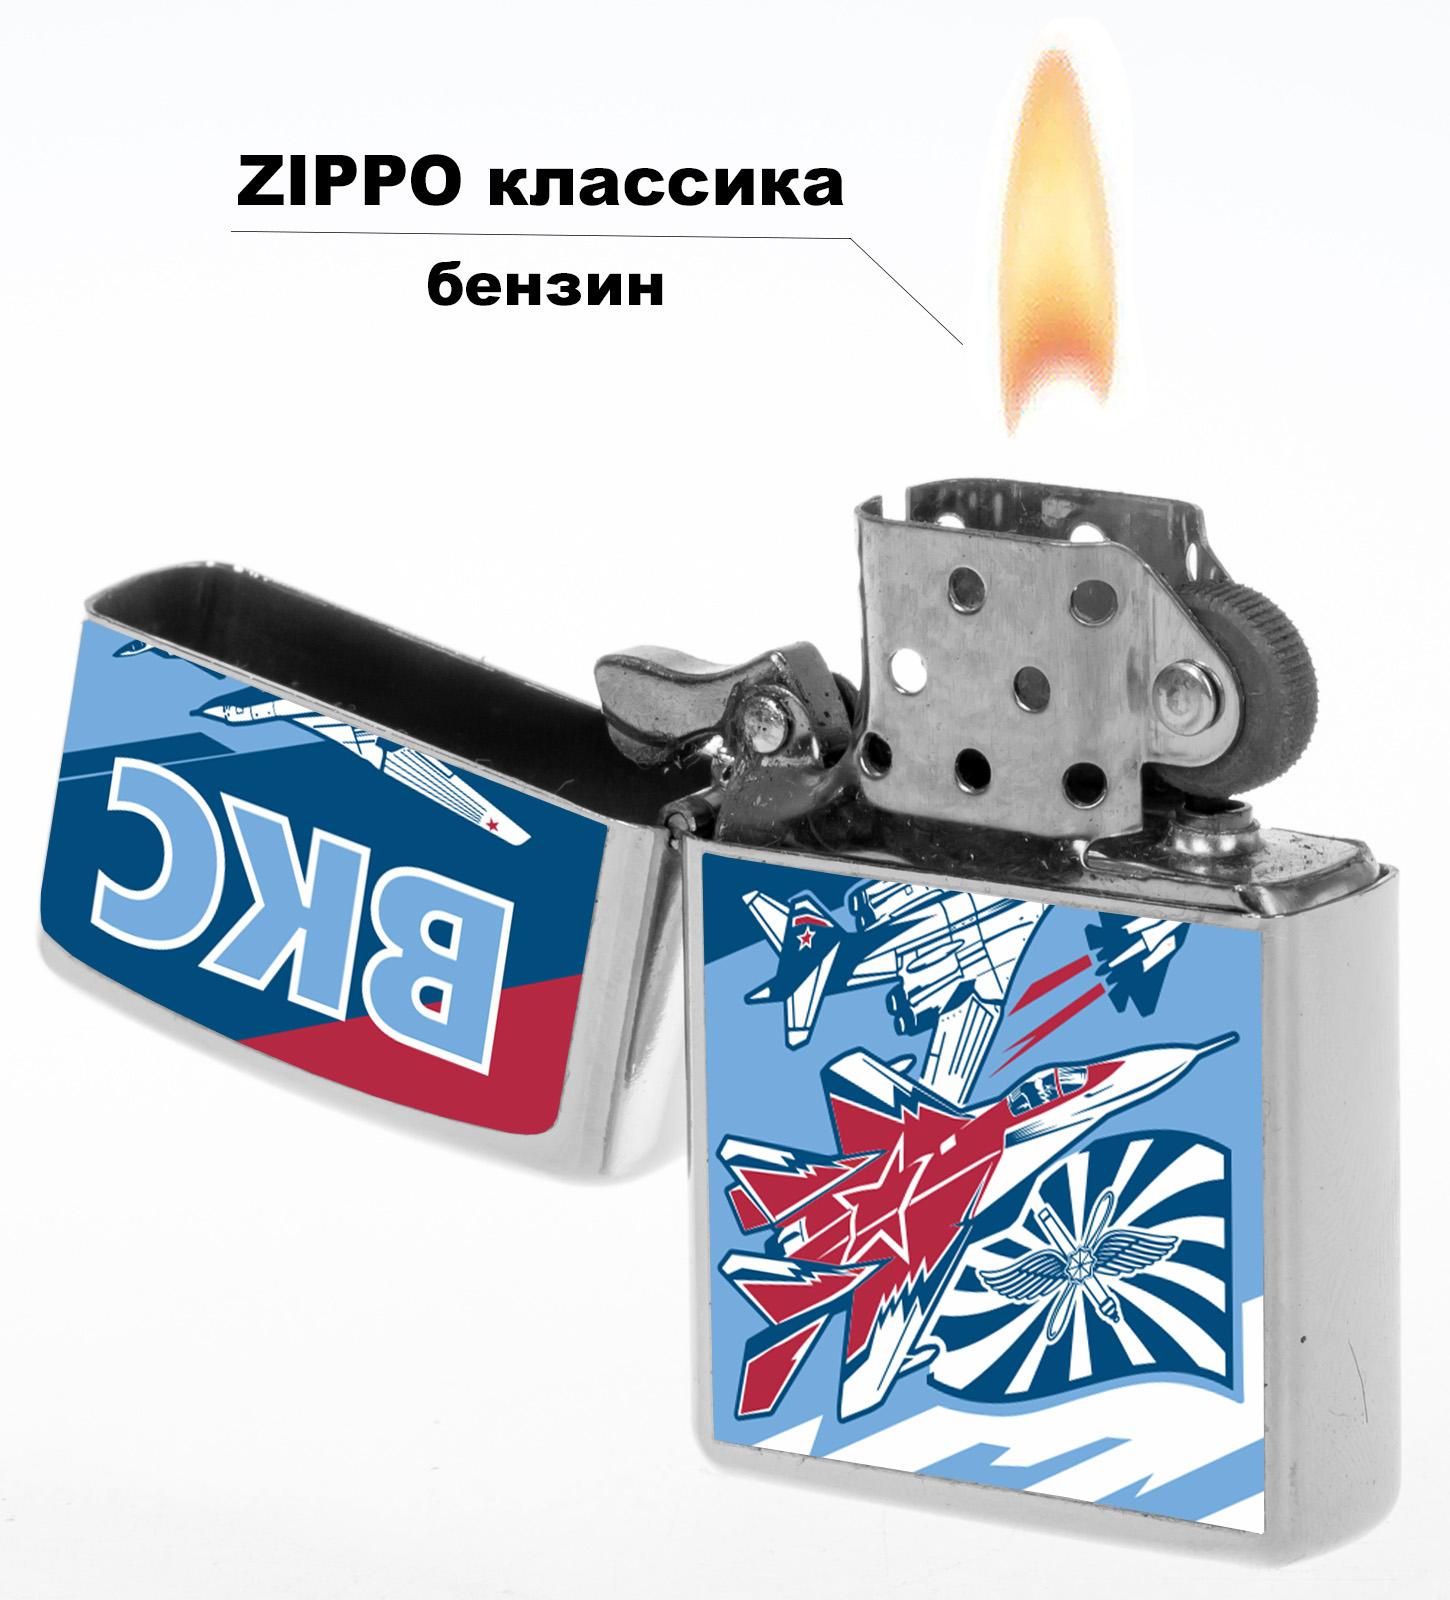 Подарочная зажигалка с символикой ВКС купить с доставкой по России